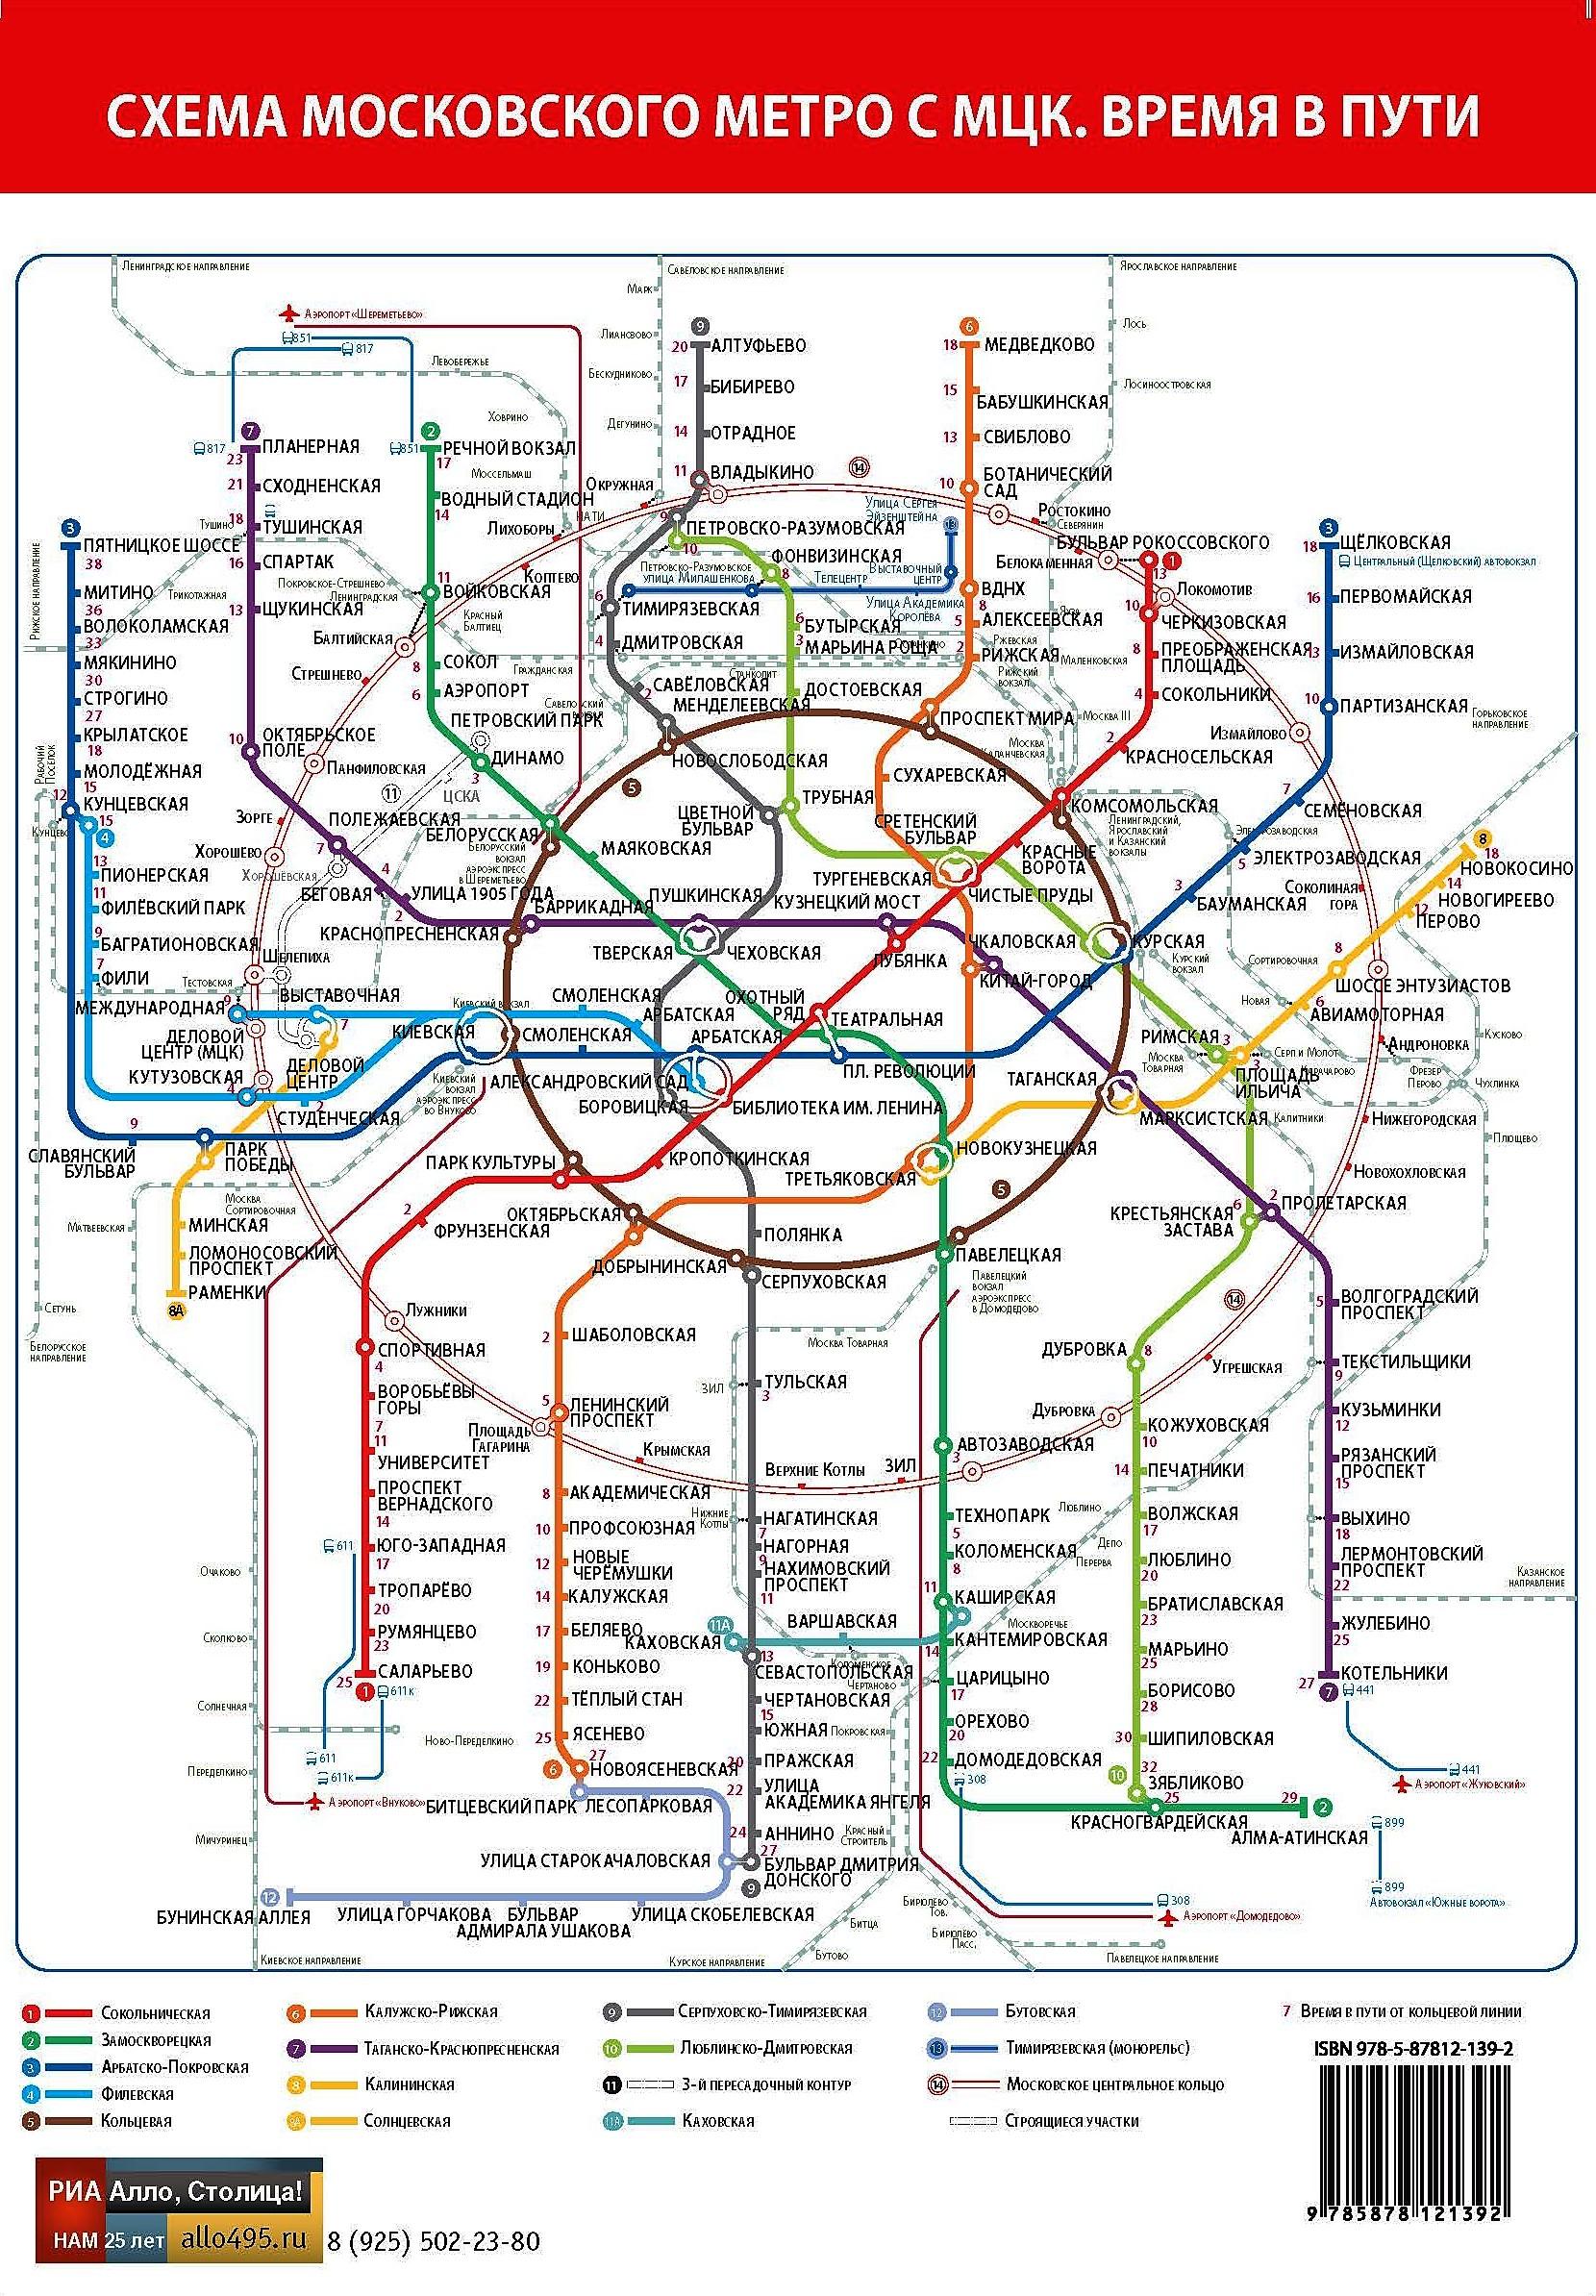 Схема метро распечатать а4 фото 137